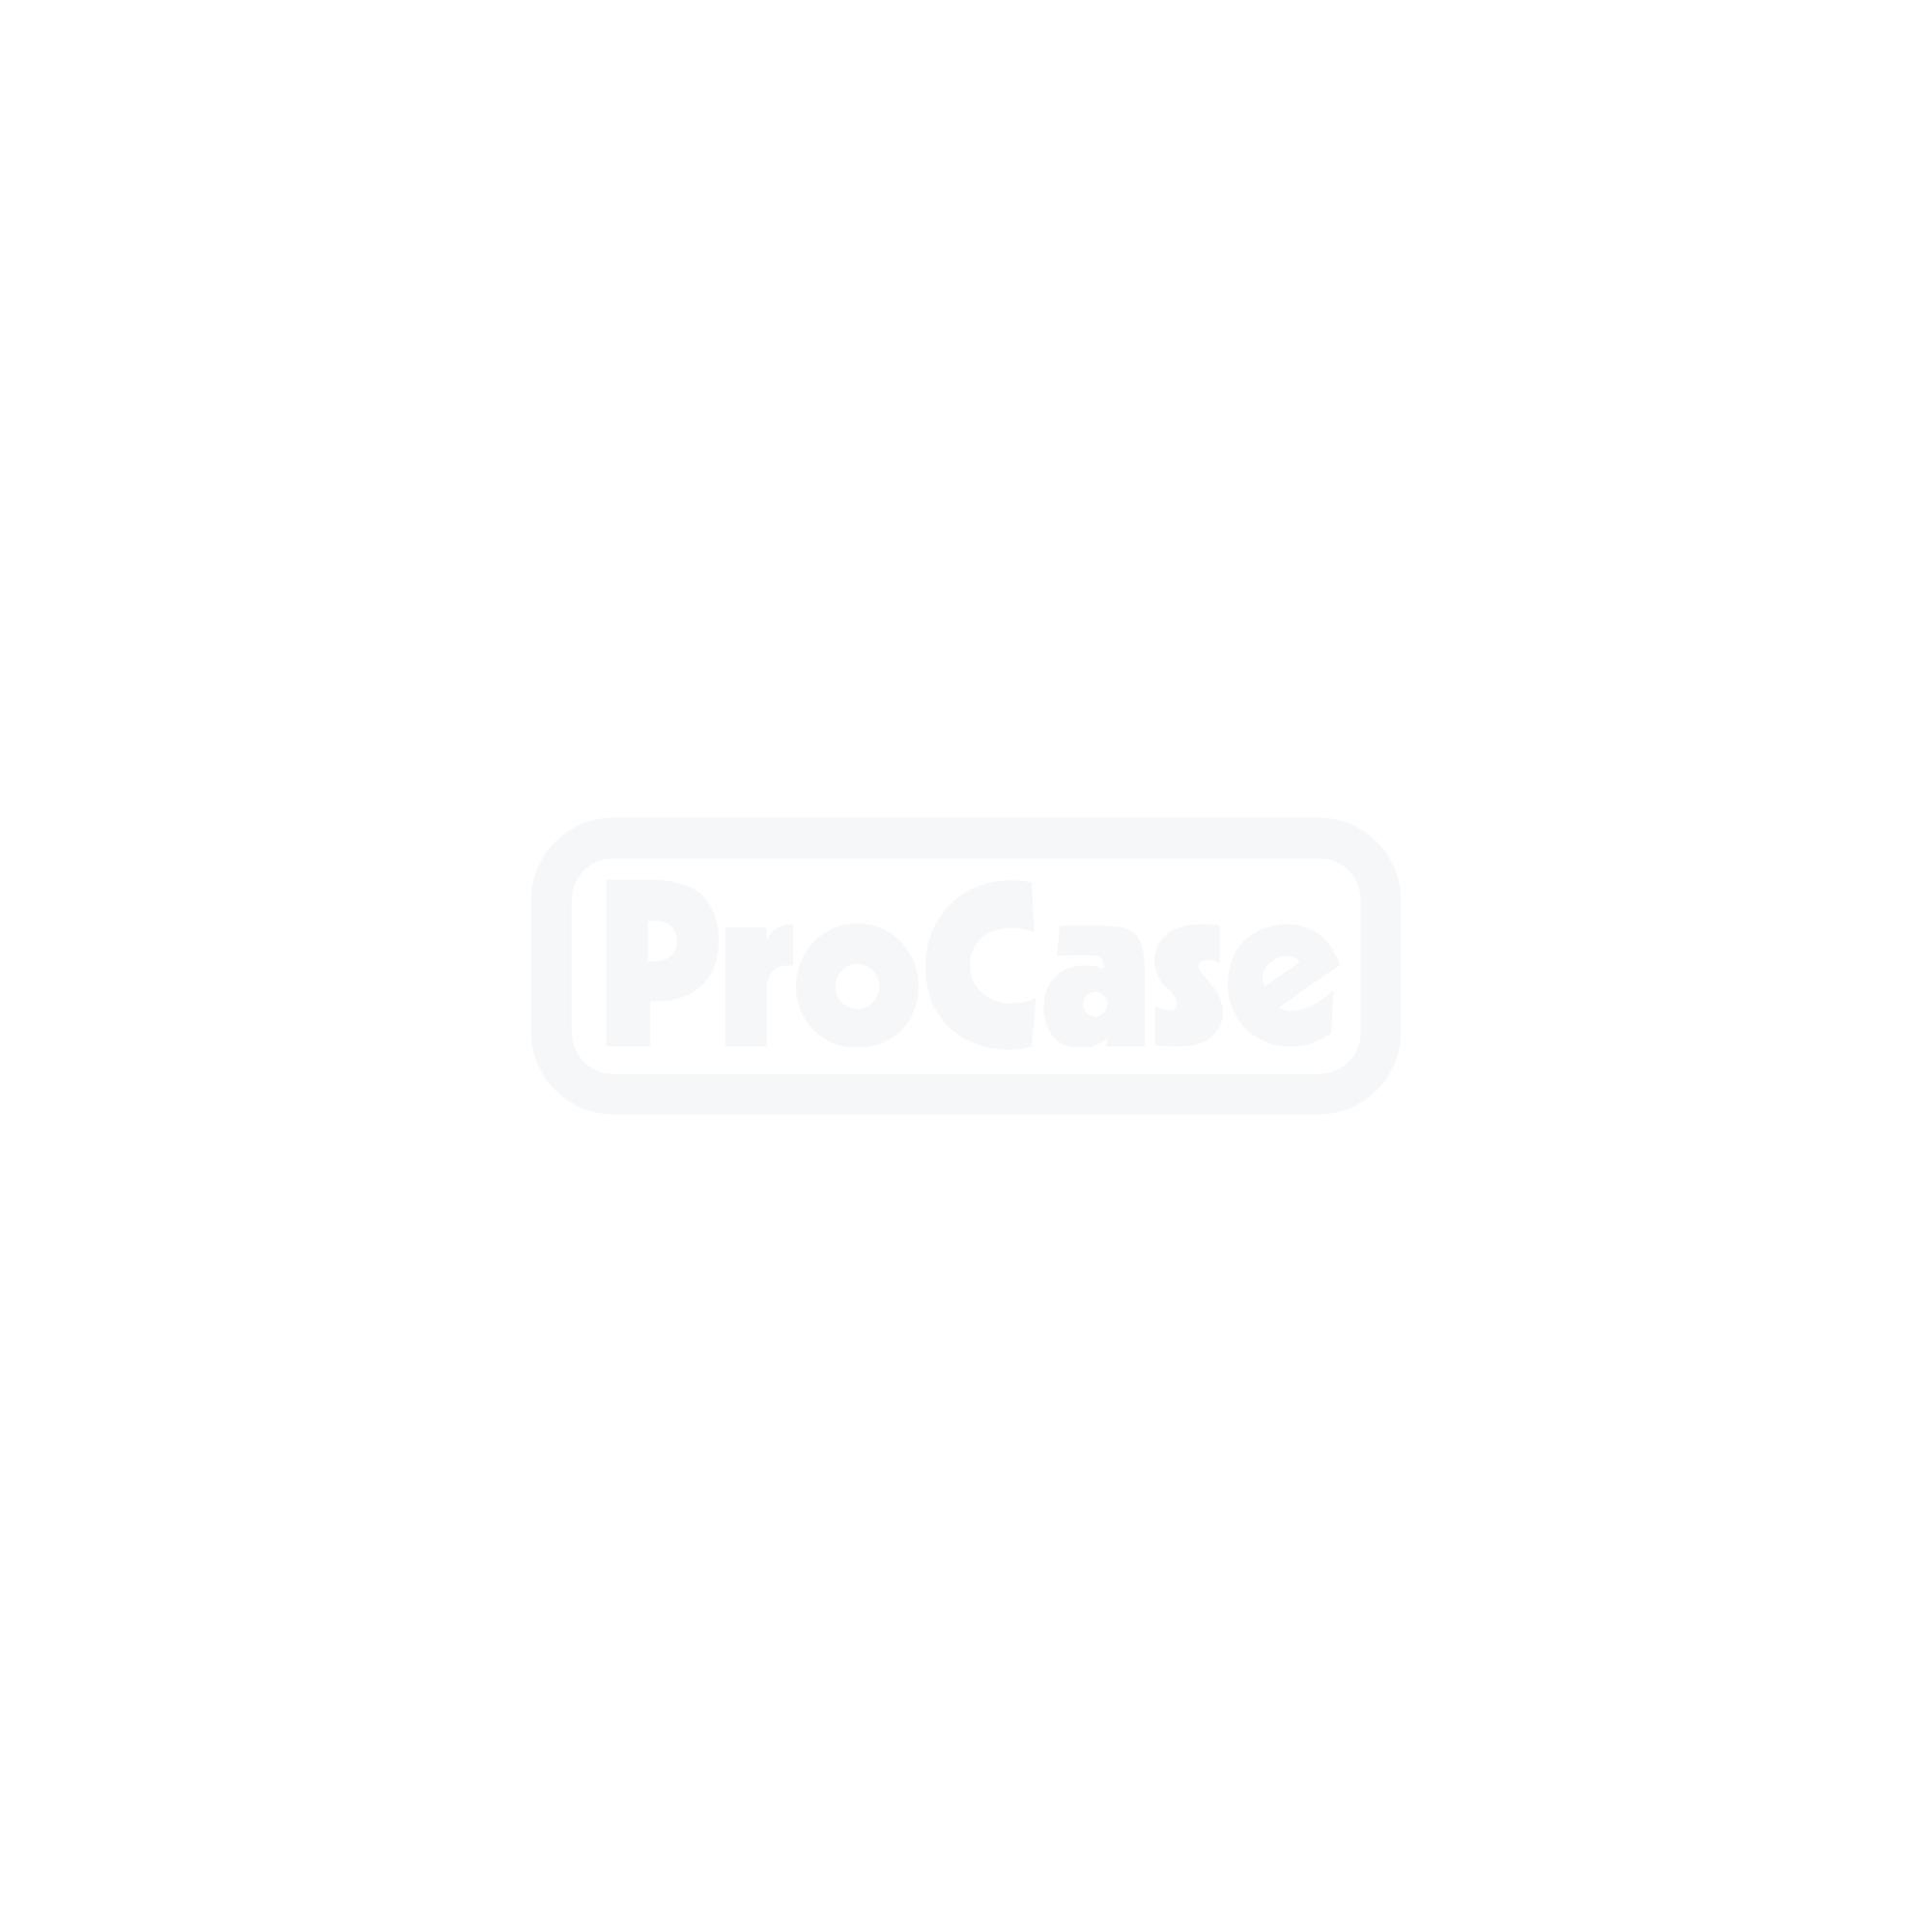 SchrankCase für 45x Dell Latitude 3510 Laptops mit Ladefunktion